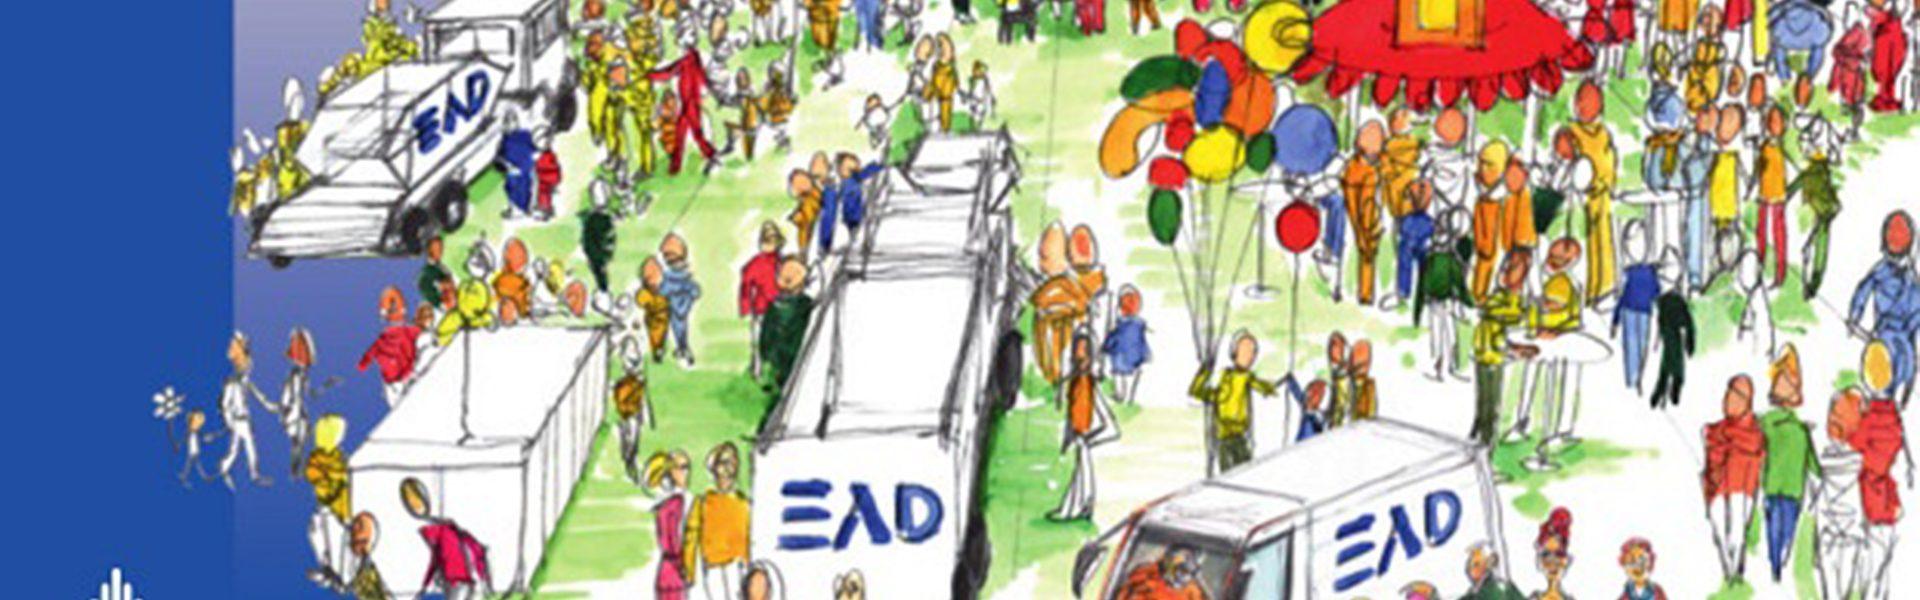 Header Bild 21. Umwelt- und Familientag